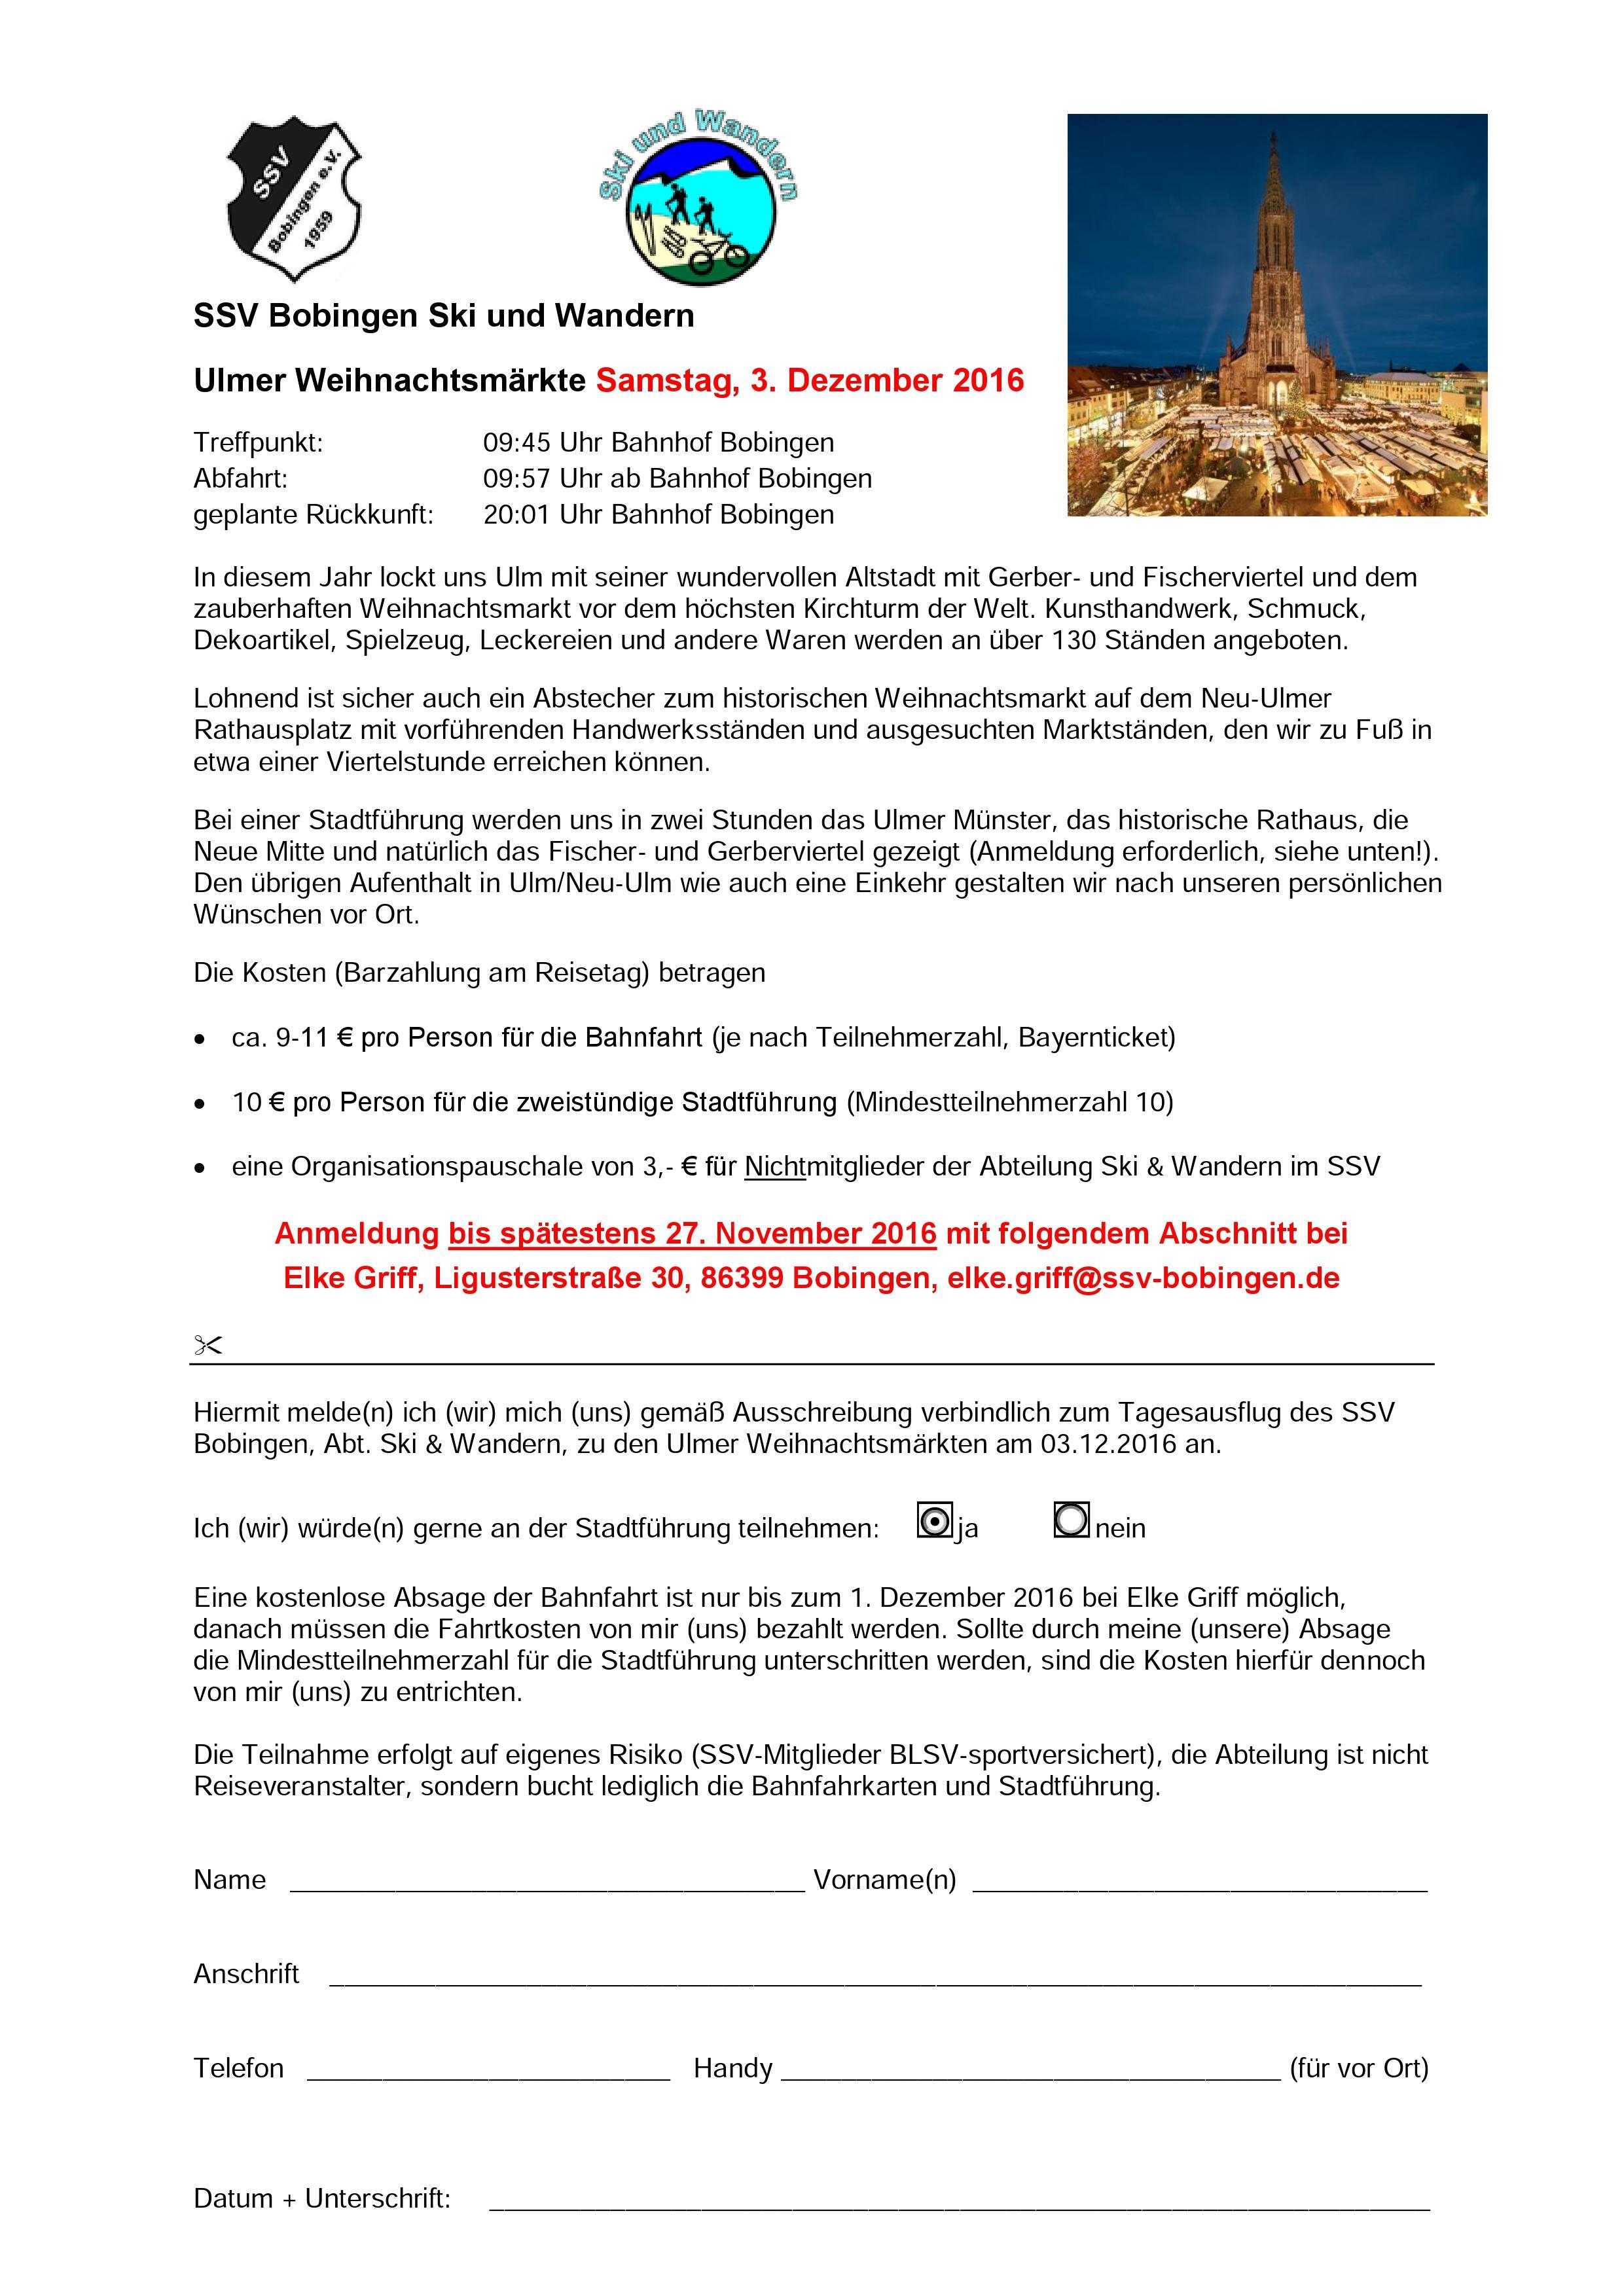 ssv bobingen - weihnachtsmarkt ulm, Einladungen